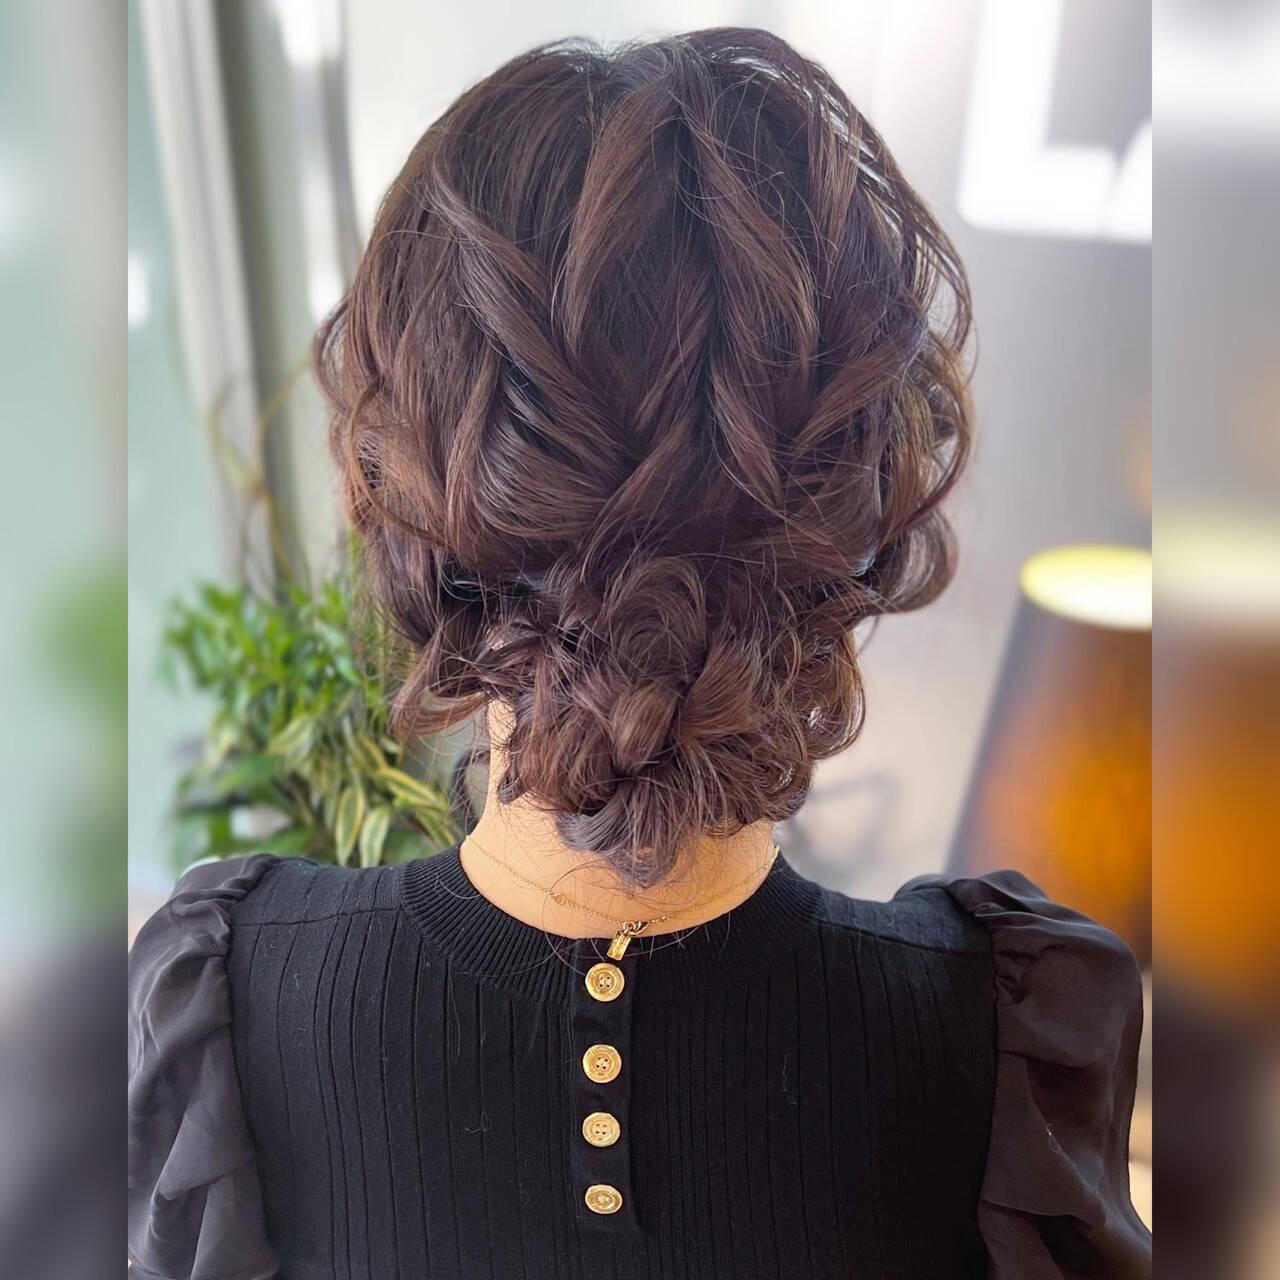 フェミニン ロング ヘアアレンジ ヘアセットヘアスタイルや髪型の写真・画像